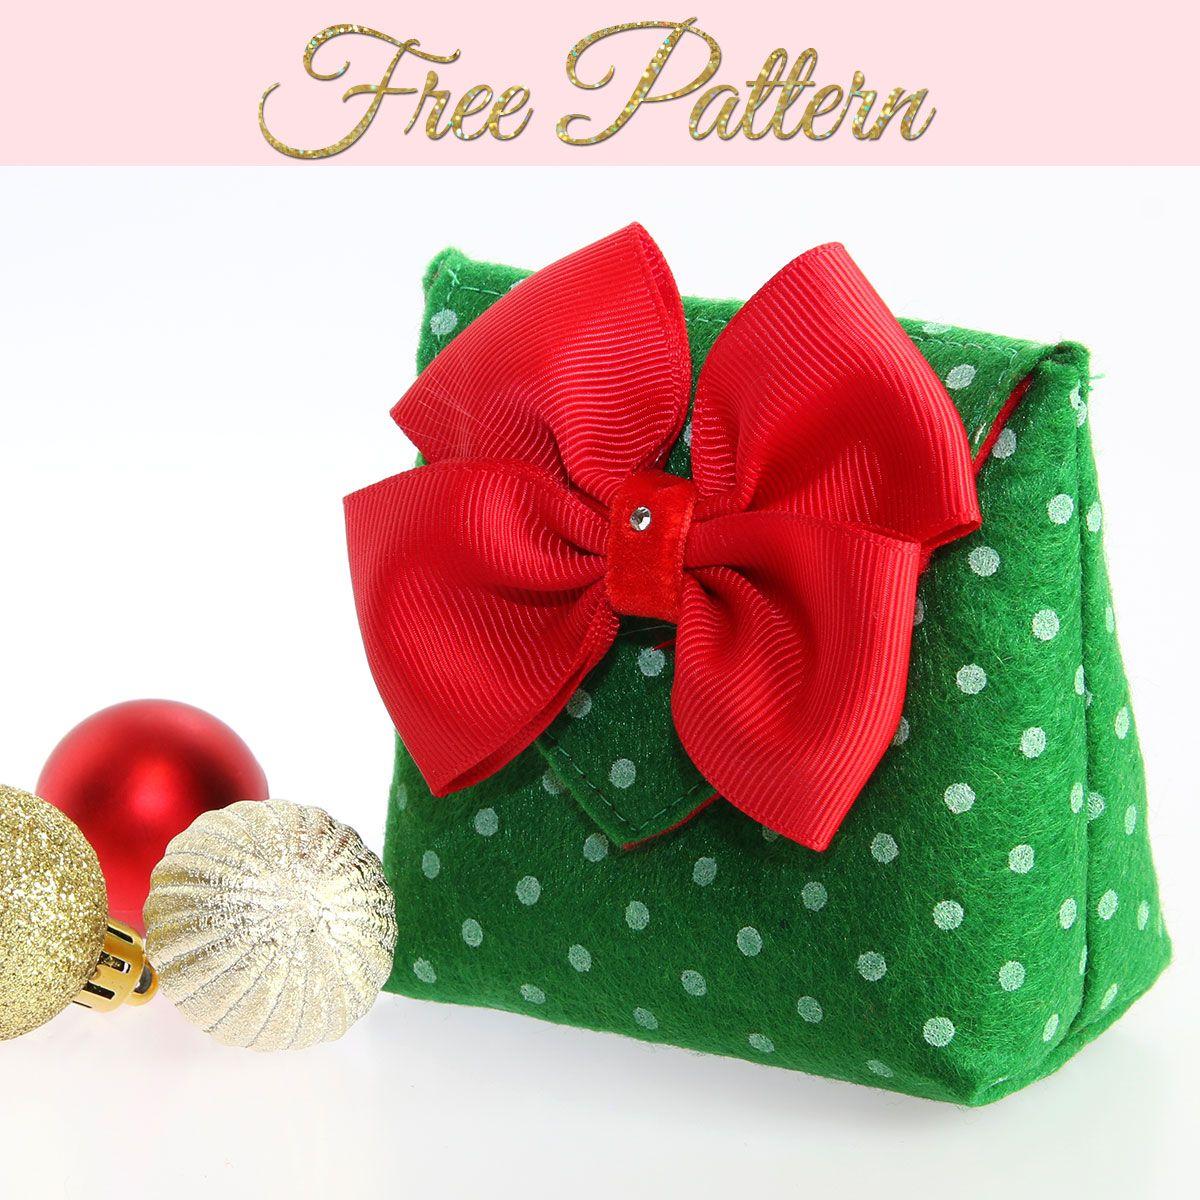 How to Make a Gift Bag: DIY Christmas Gift Bags FREE TEMPLATE ...